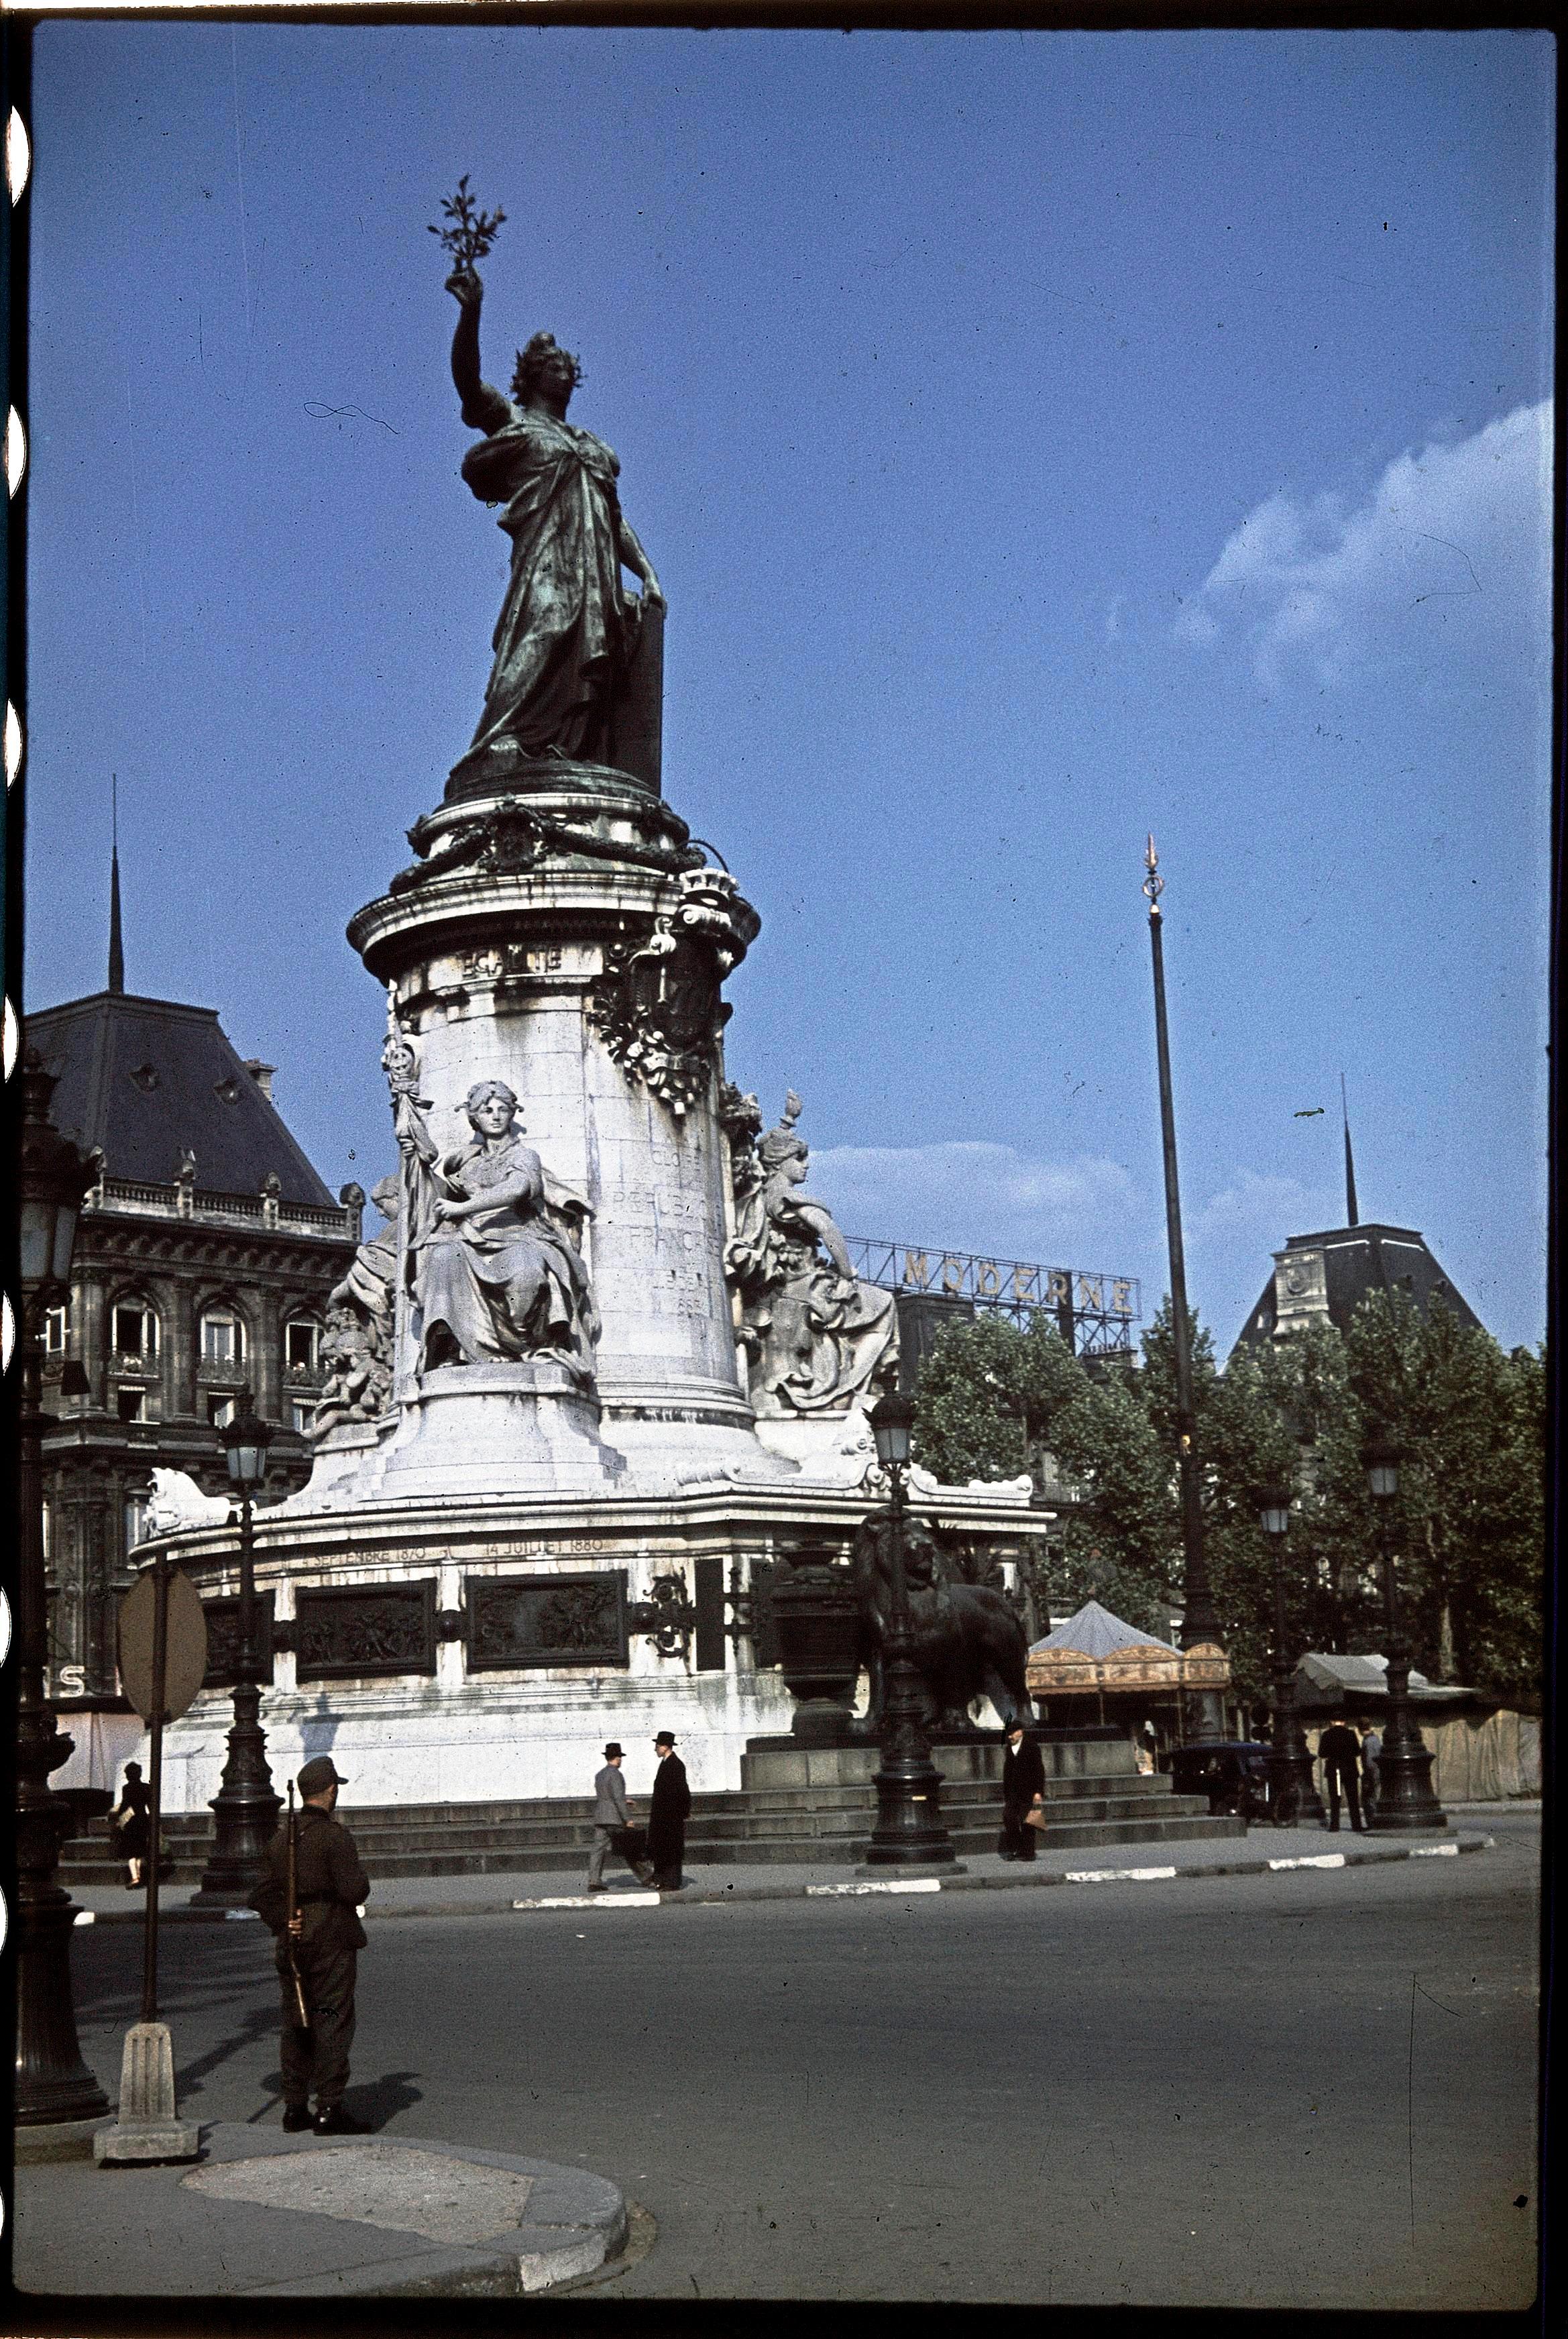 Немецкий солдат стоит на страже. Площадь Республики